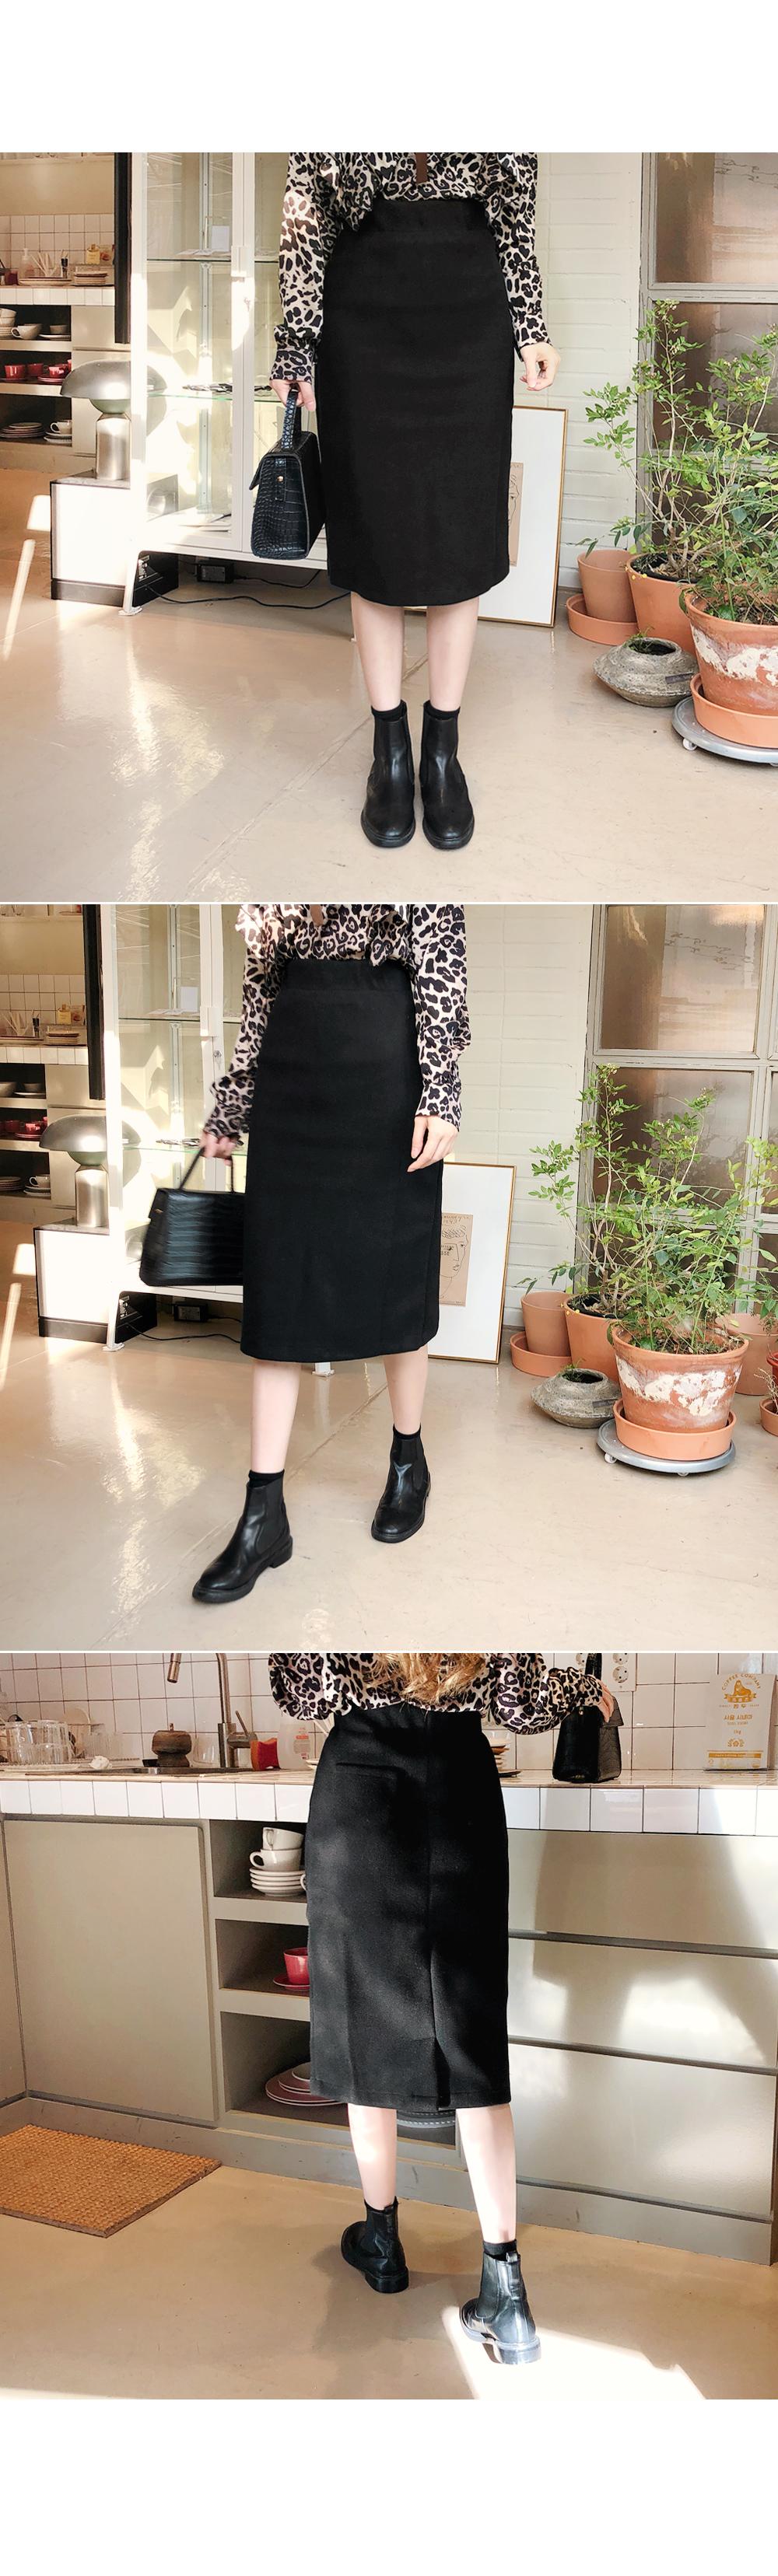 H-line back skirt